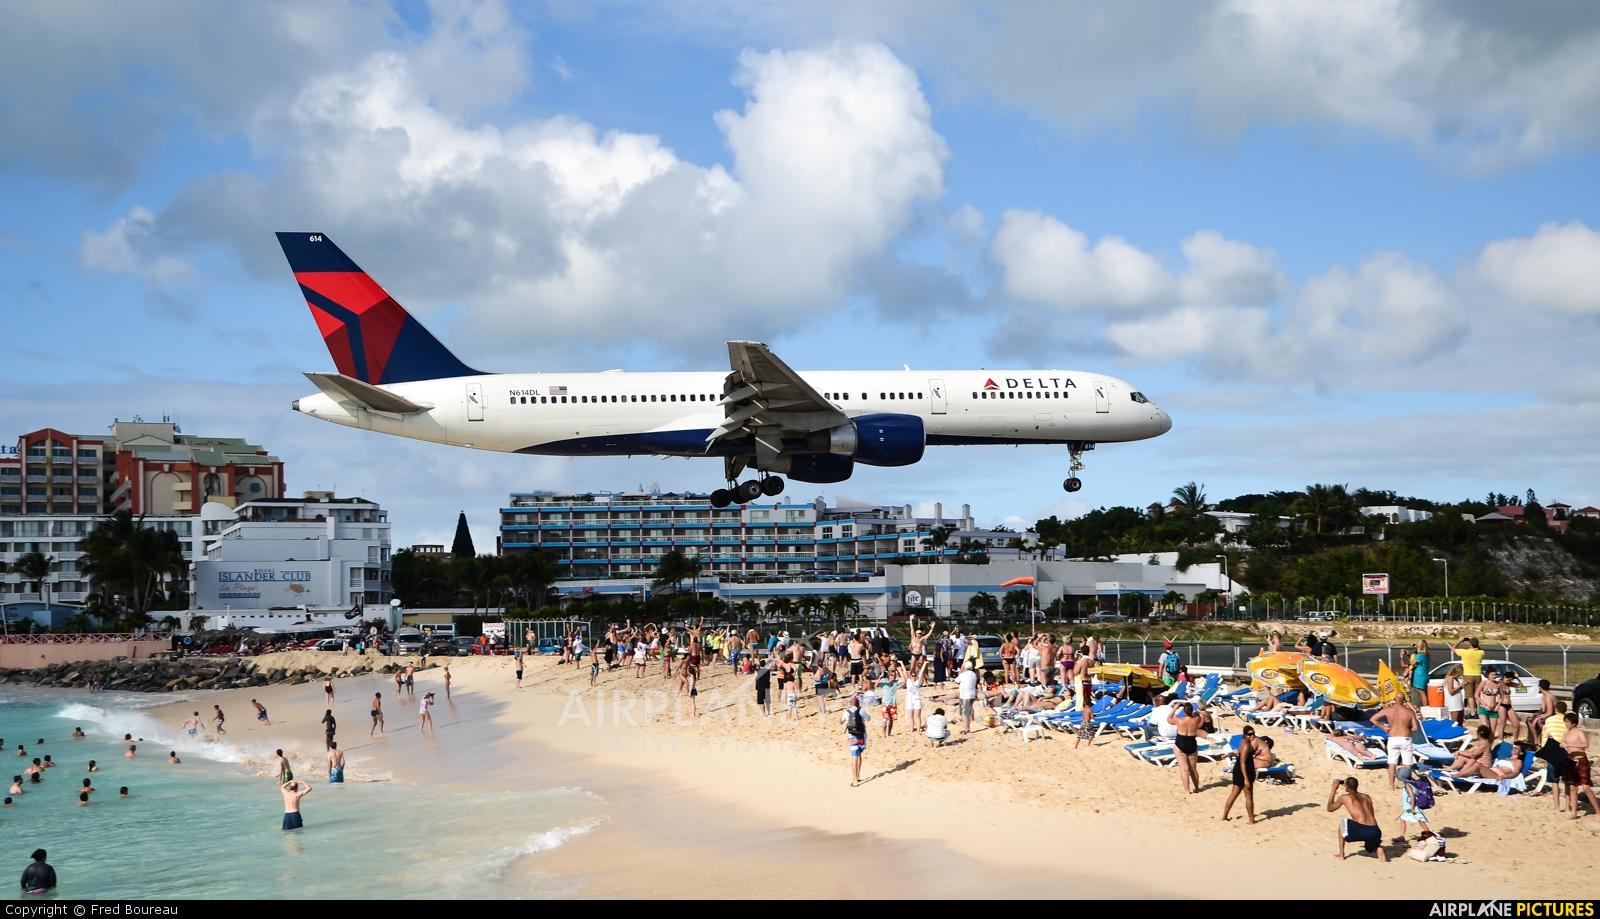 Delta Air Lines N614DL aircraft at Sint Maarten - Princess Juliana Intl